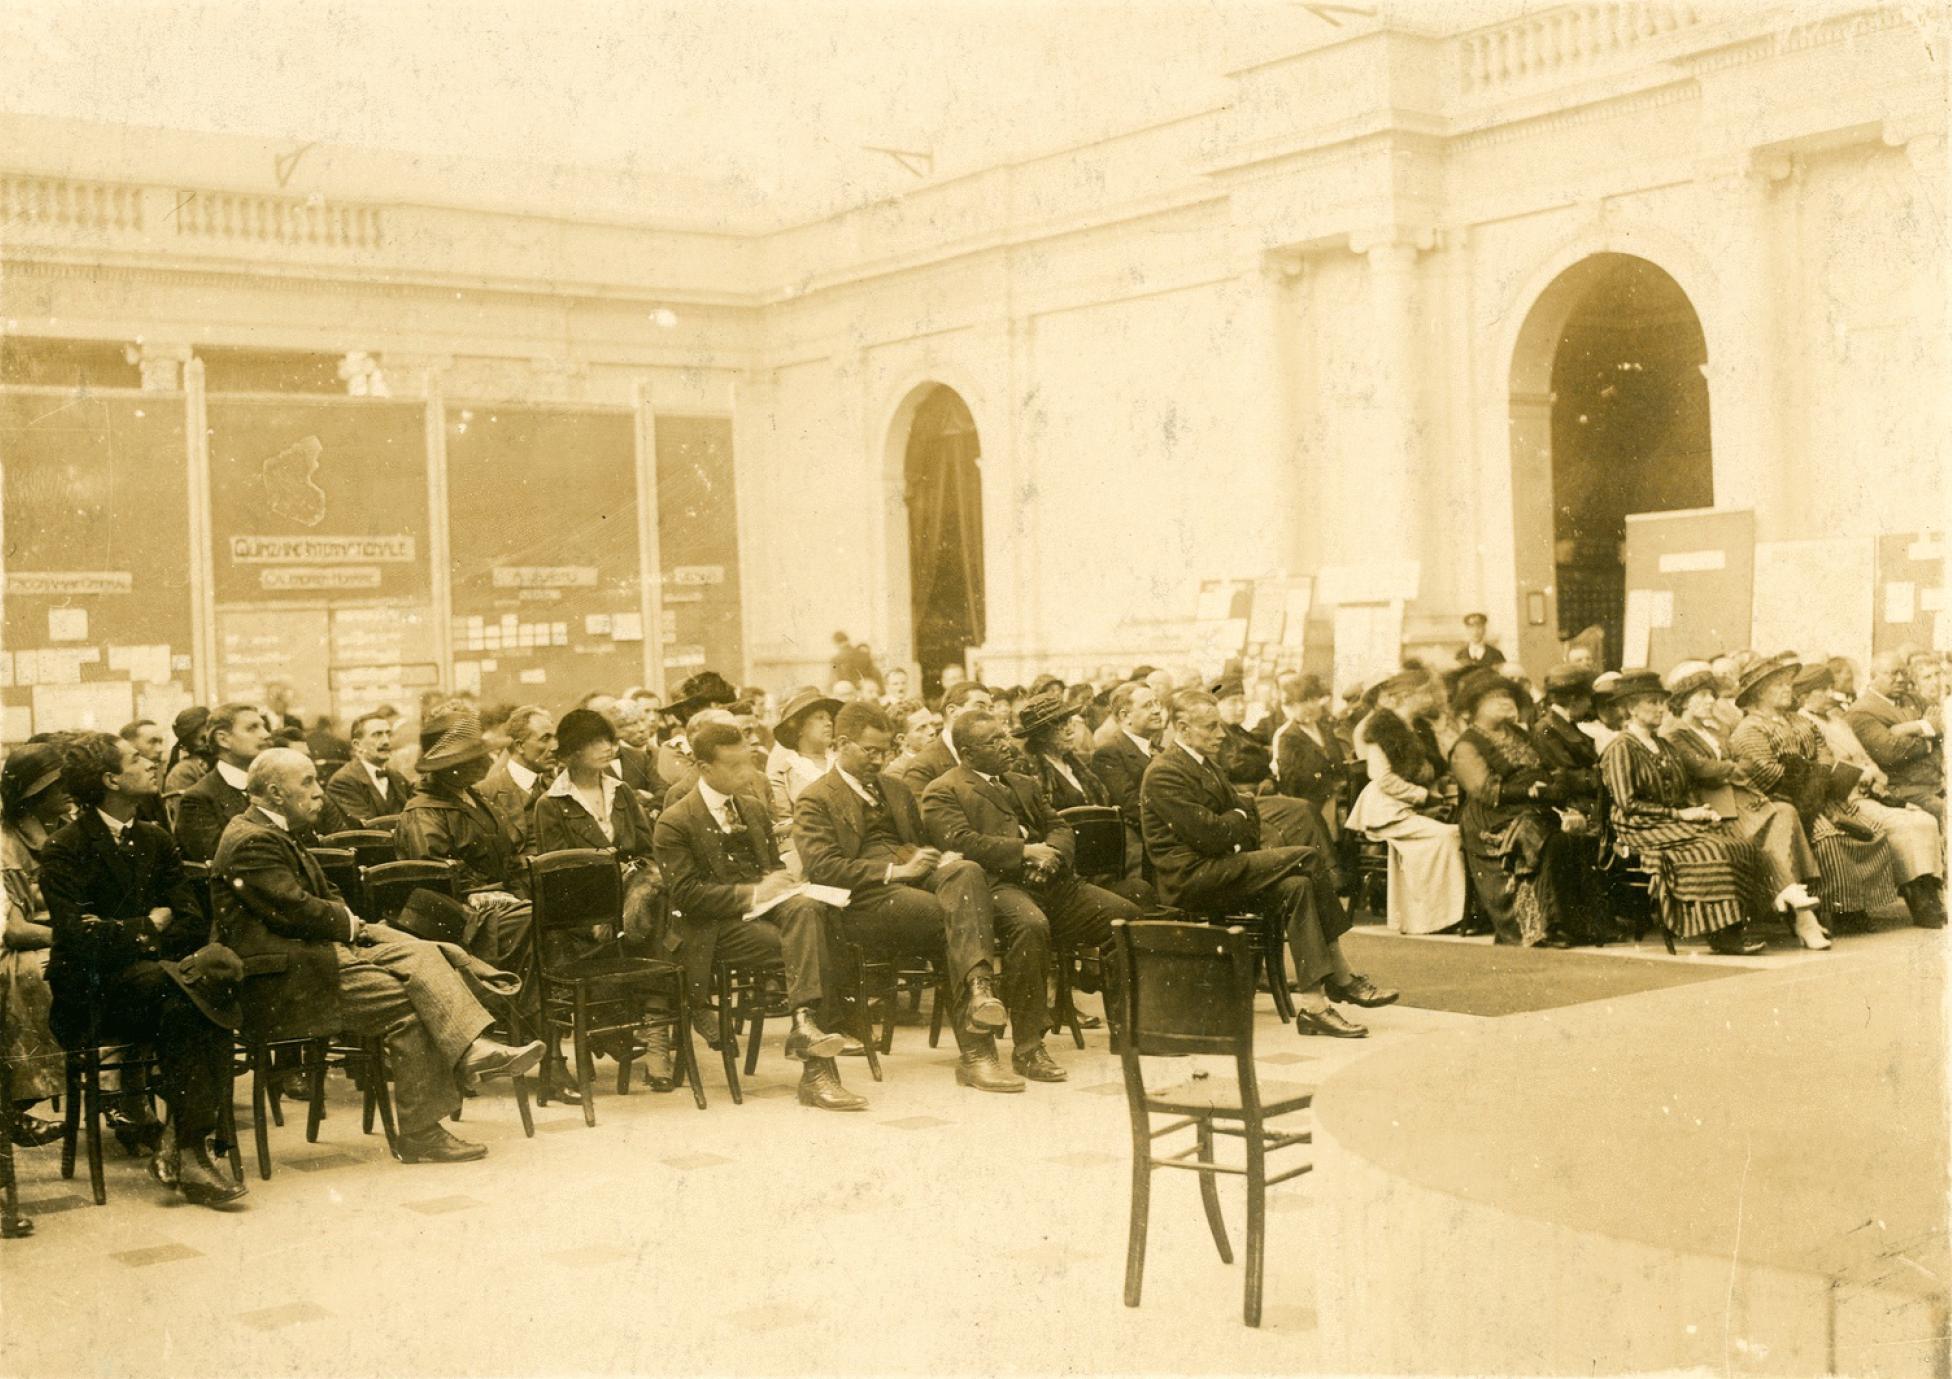 Pan-African Congress, Belgium, 1921. W.E.B. Du Bois Papers, University of Massachusetts Amherst Libaries.